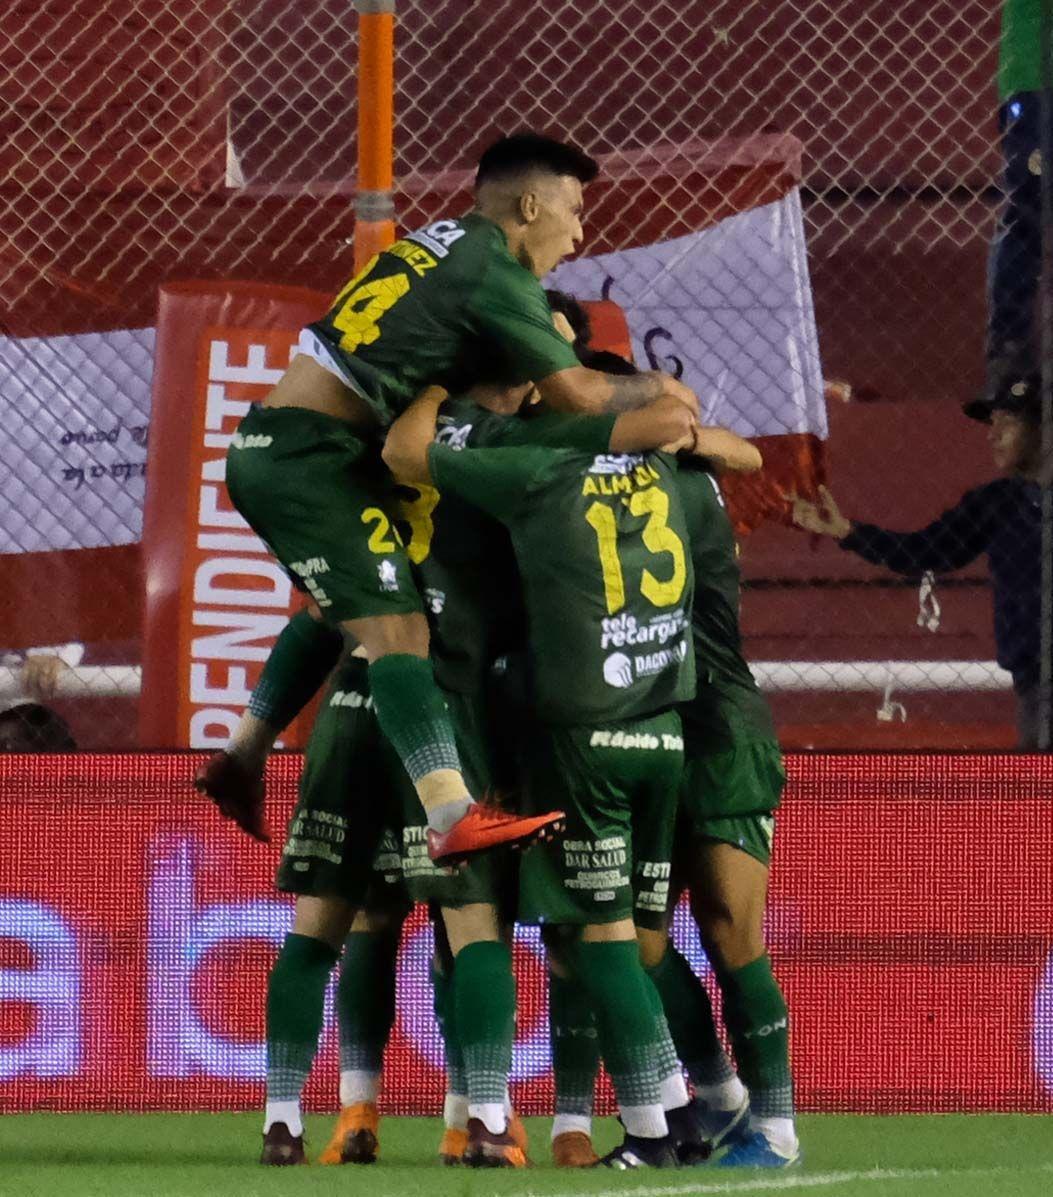 El Halcón celebra el gol de Mariano Bareiro ante Independiente